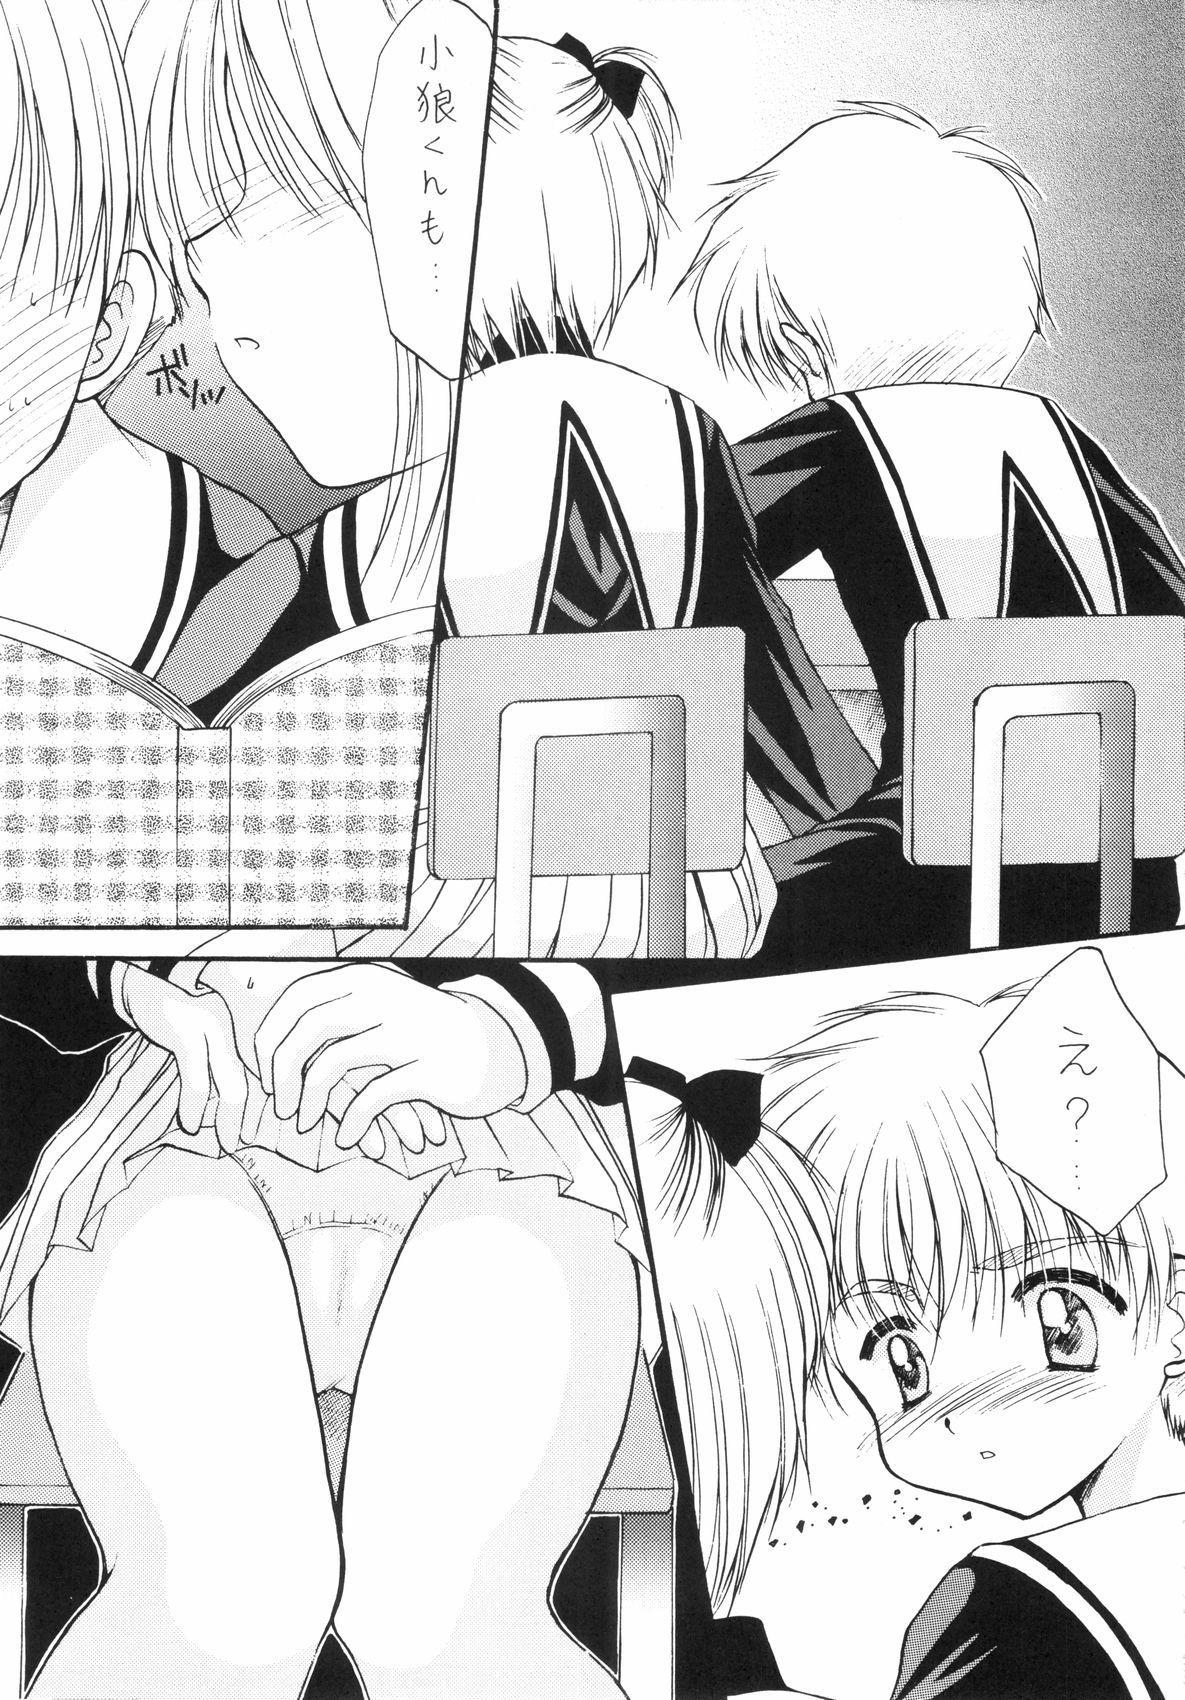 Sakura Enikki 12